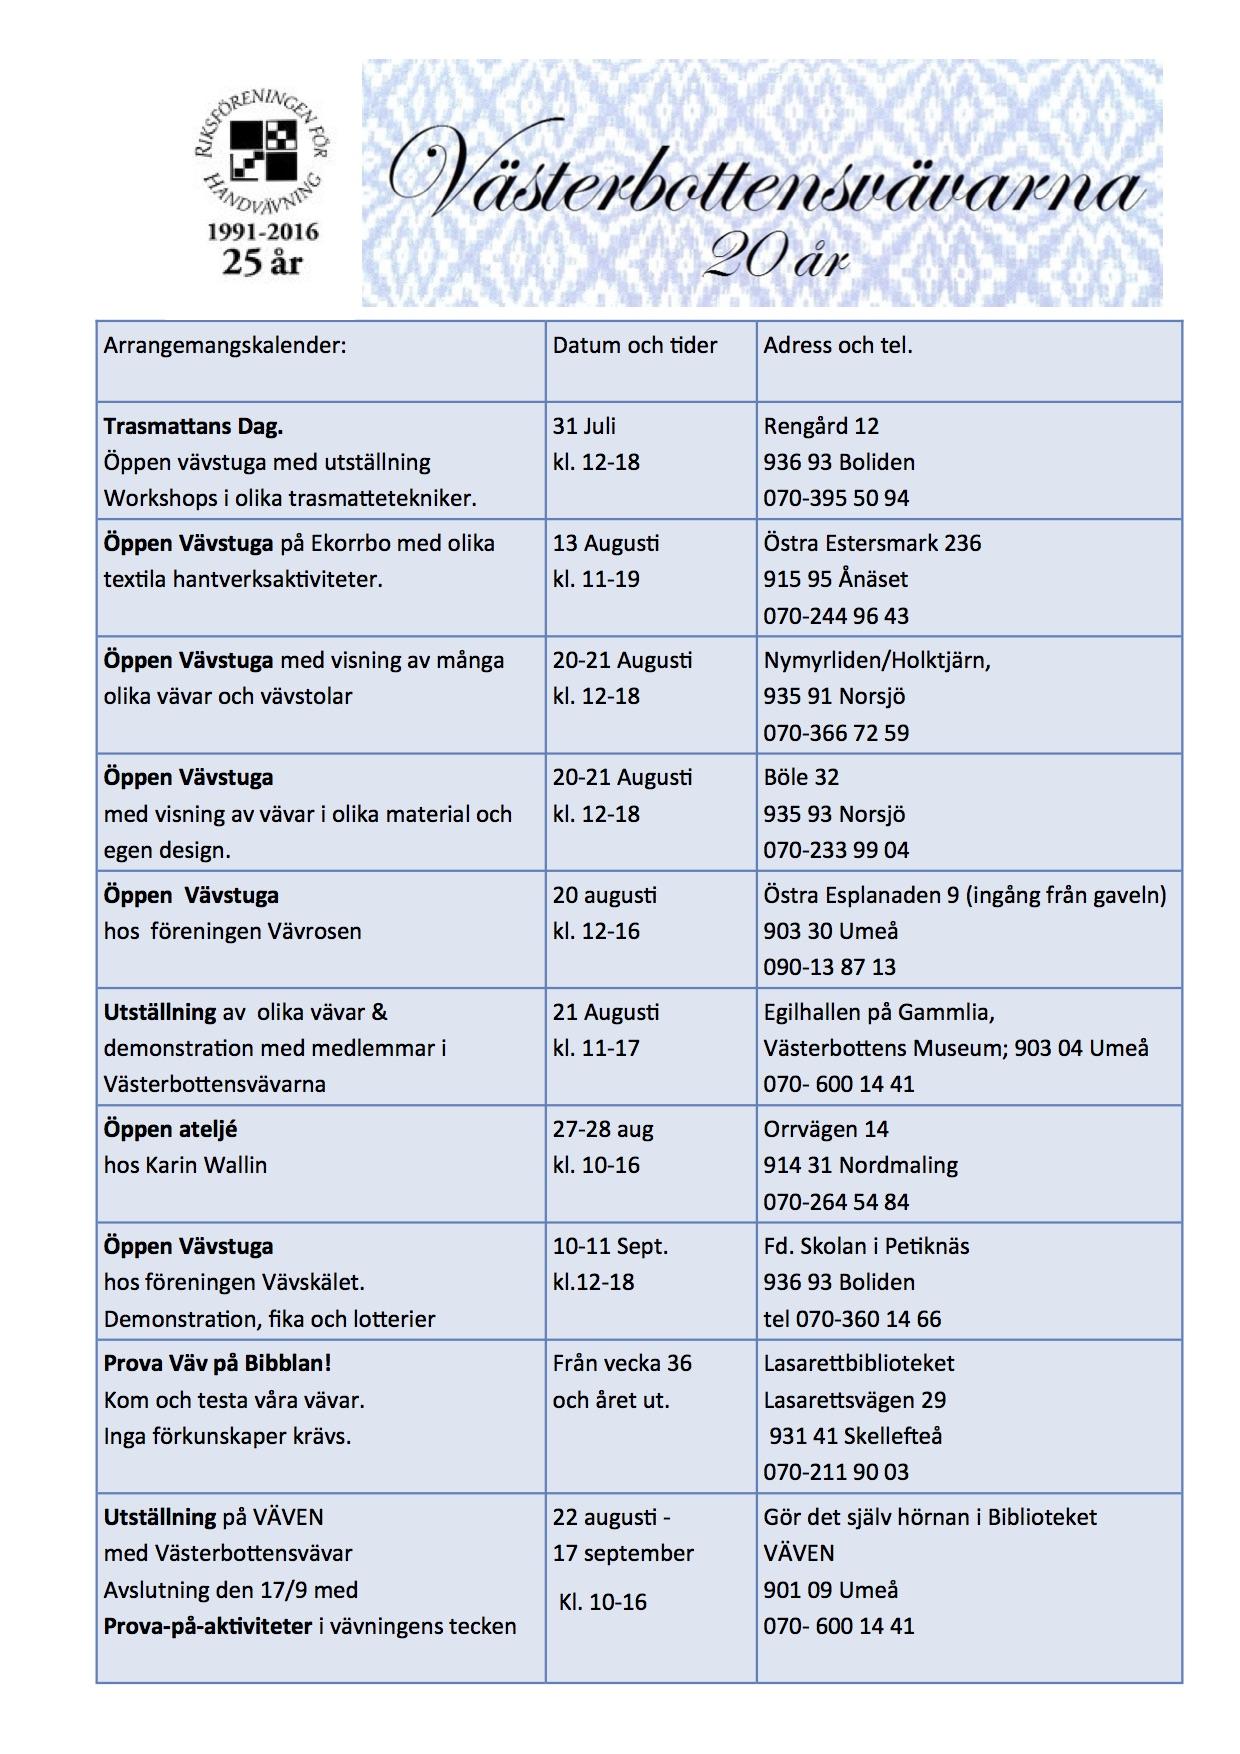 Västerbottensvävarna evenemangskalender